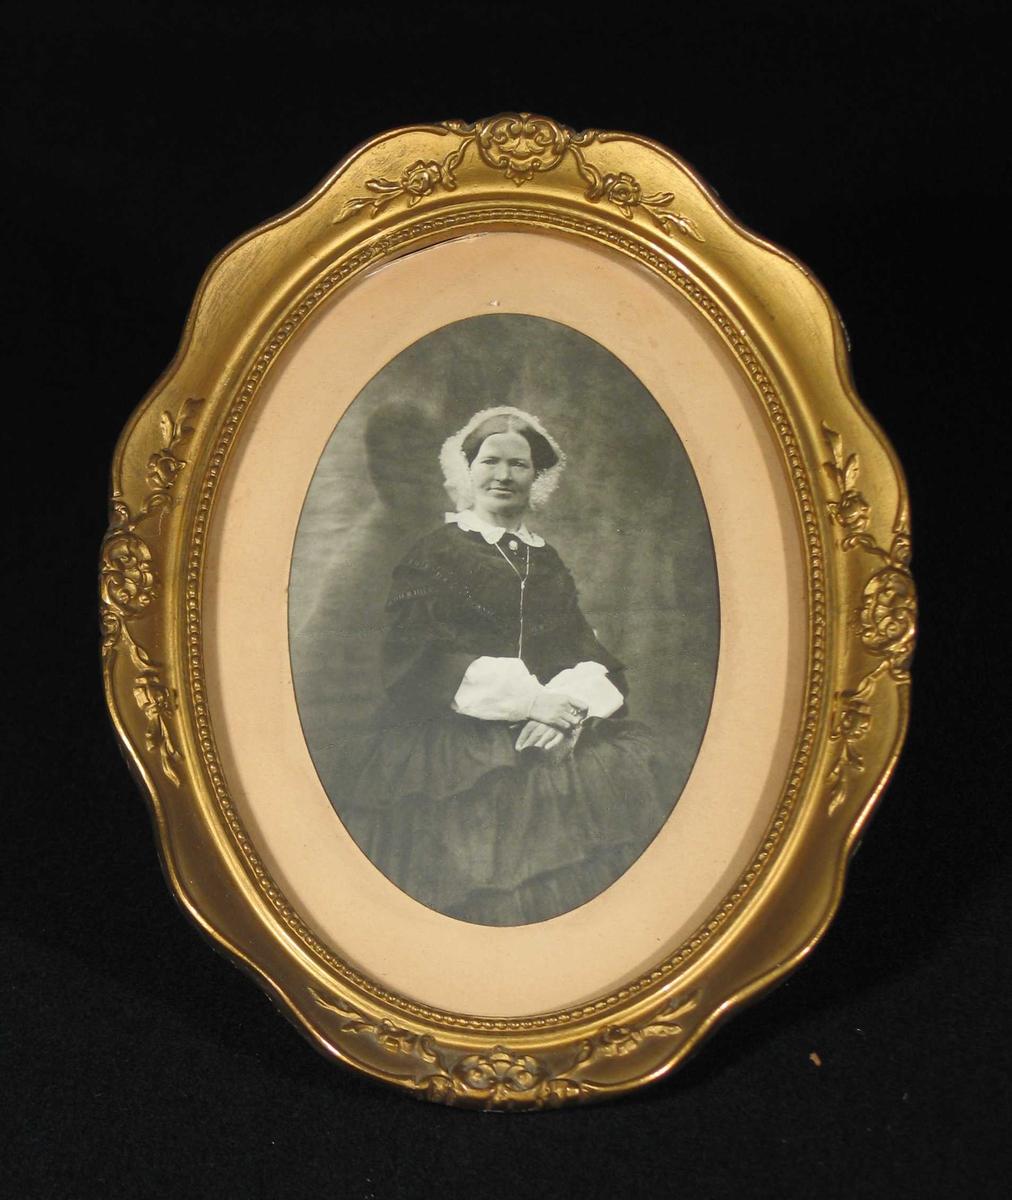 Sittende kvinne med mørk kjole, blondekrage og lyst hodeplagg.